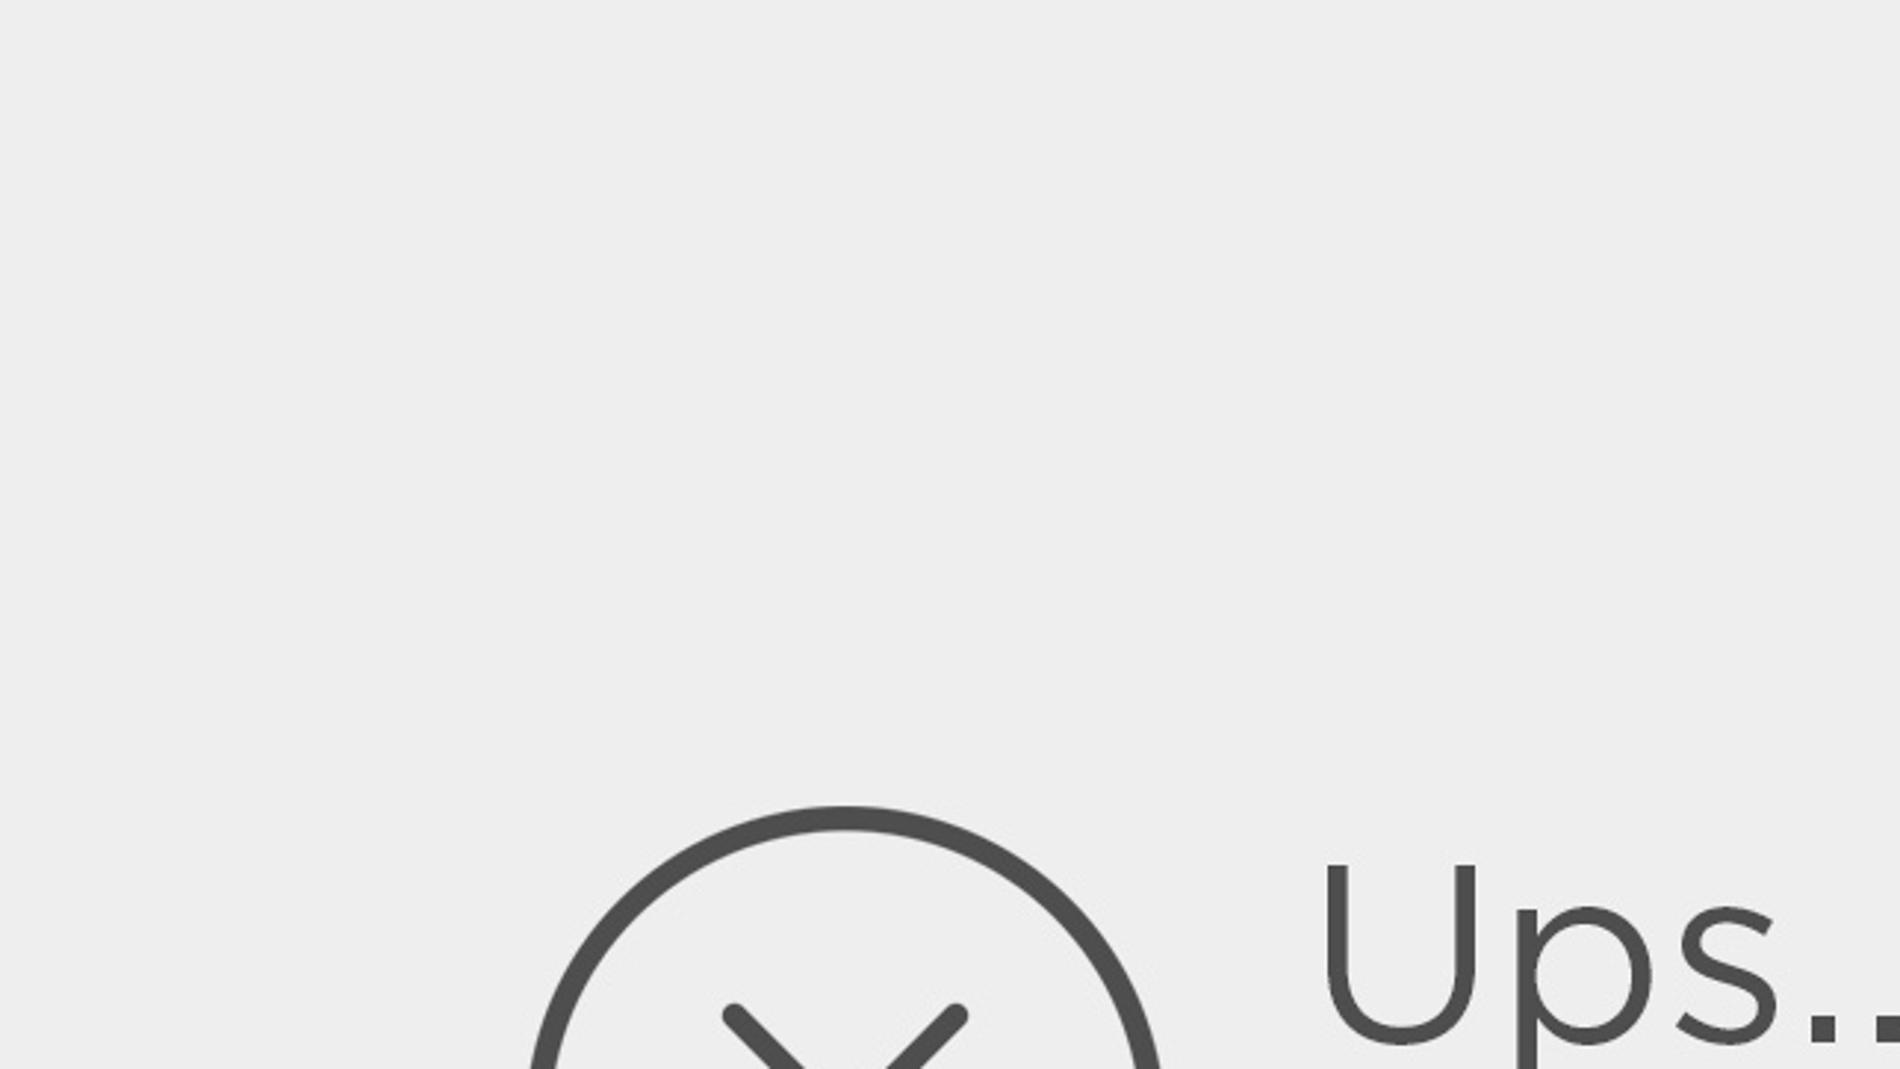 Jack Horner revela que 'Jurassic World' podría ser real